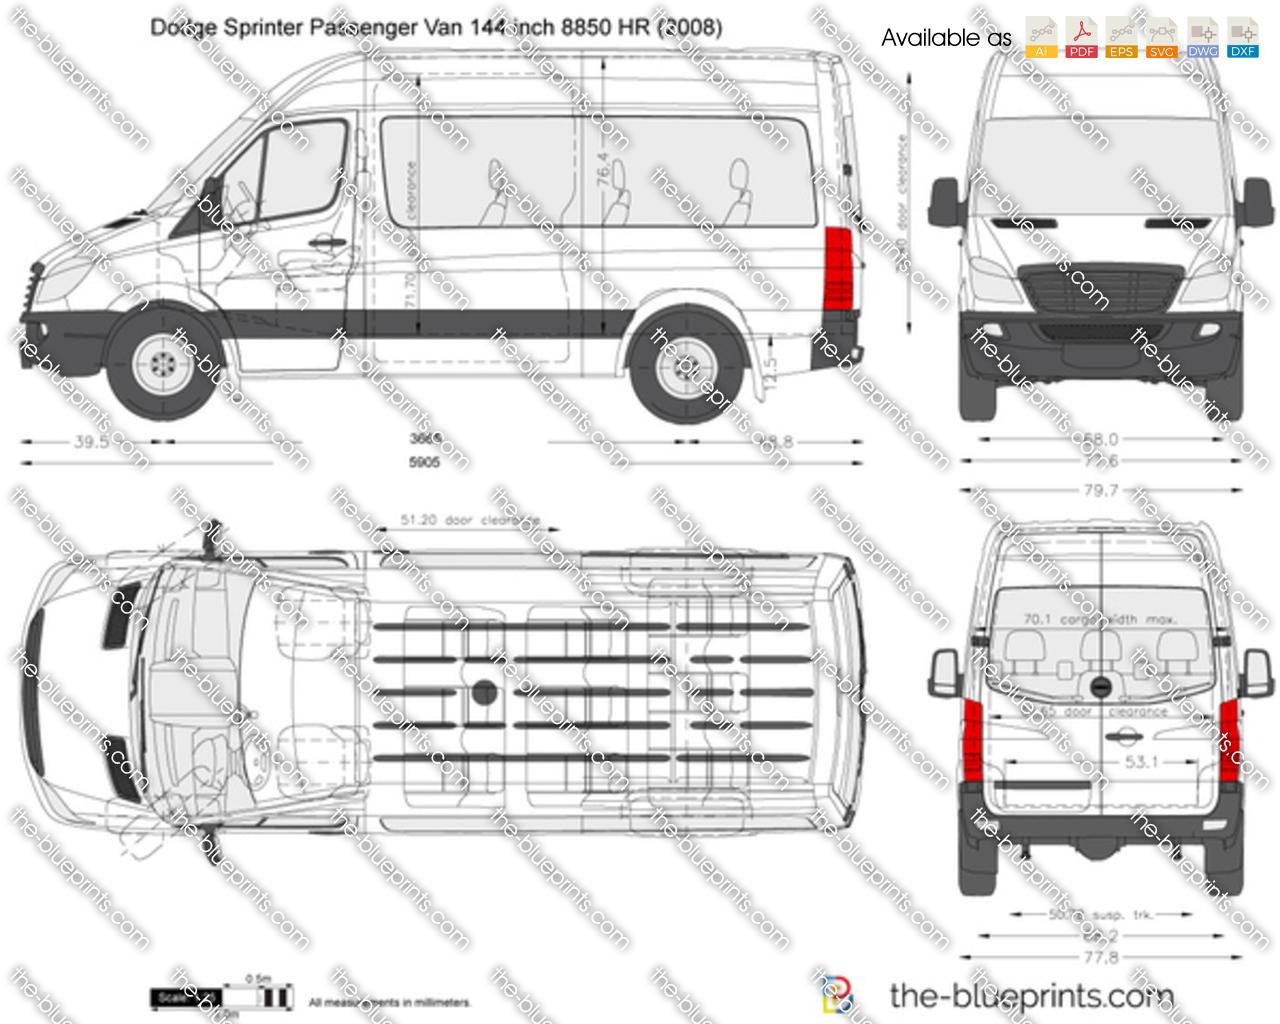 dodge van for sale